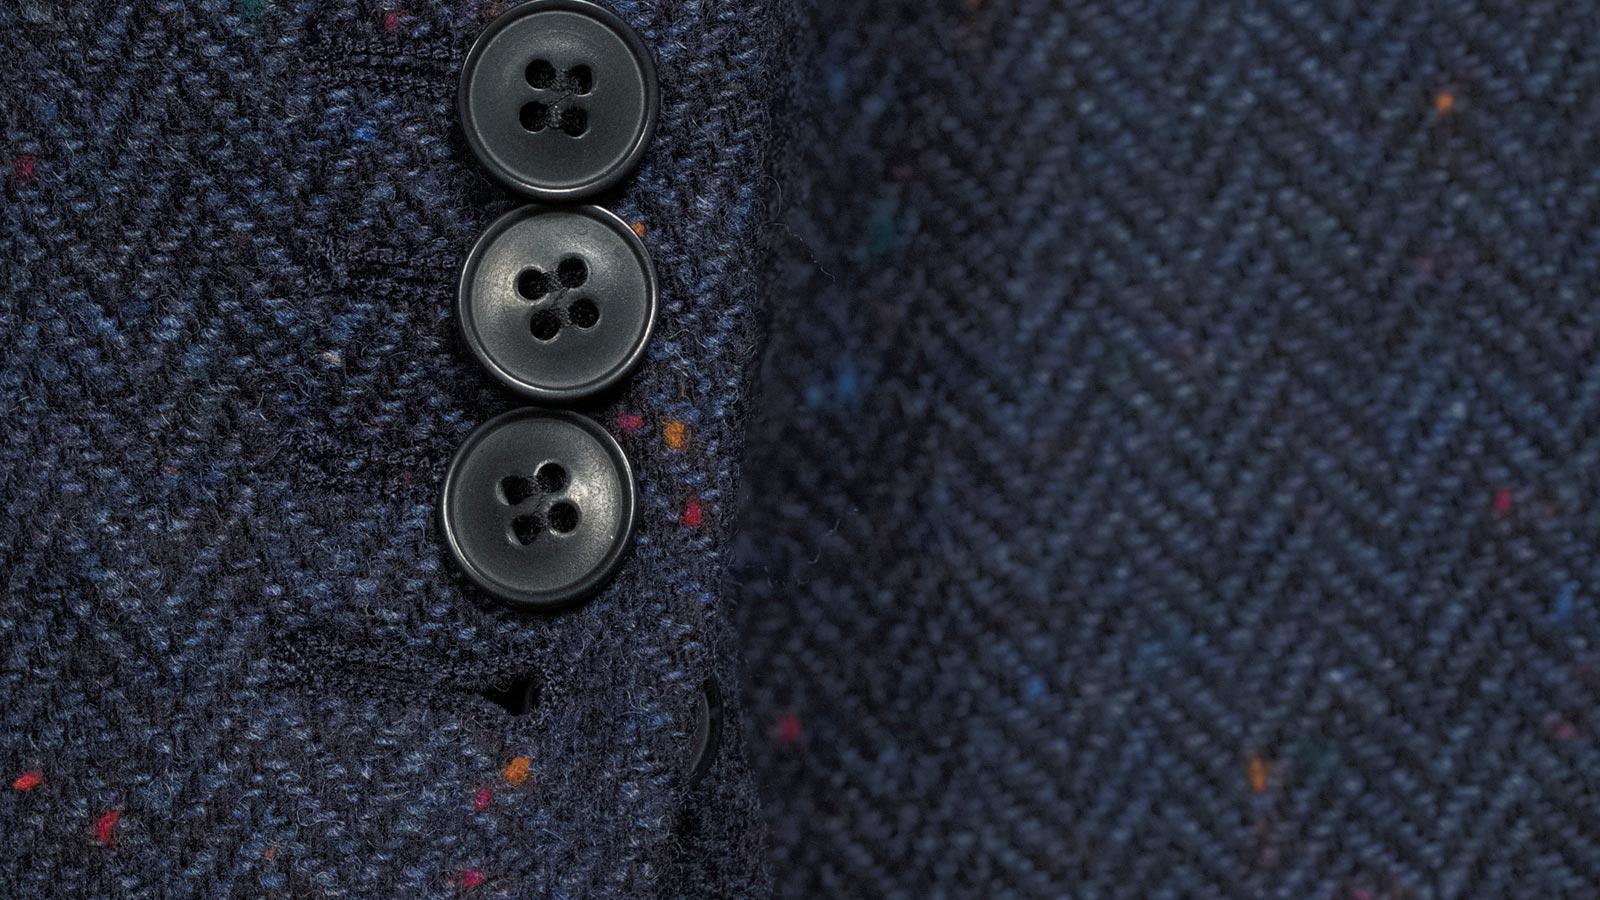 Navy Donegal Herringbone Tweed Blazer - slider image 1